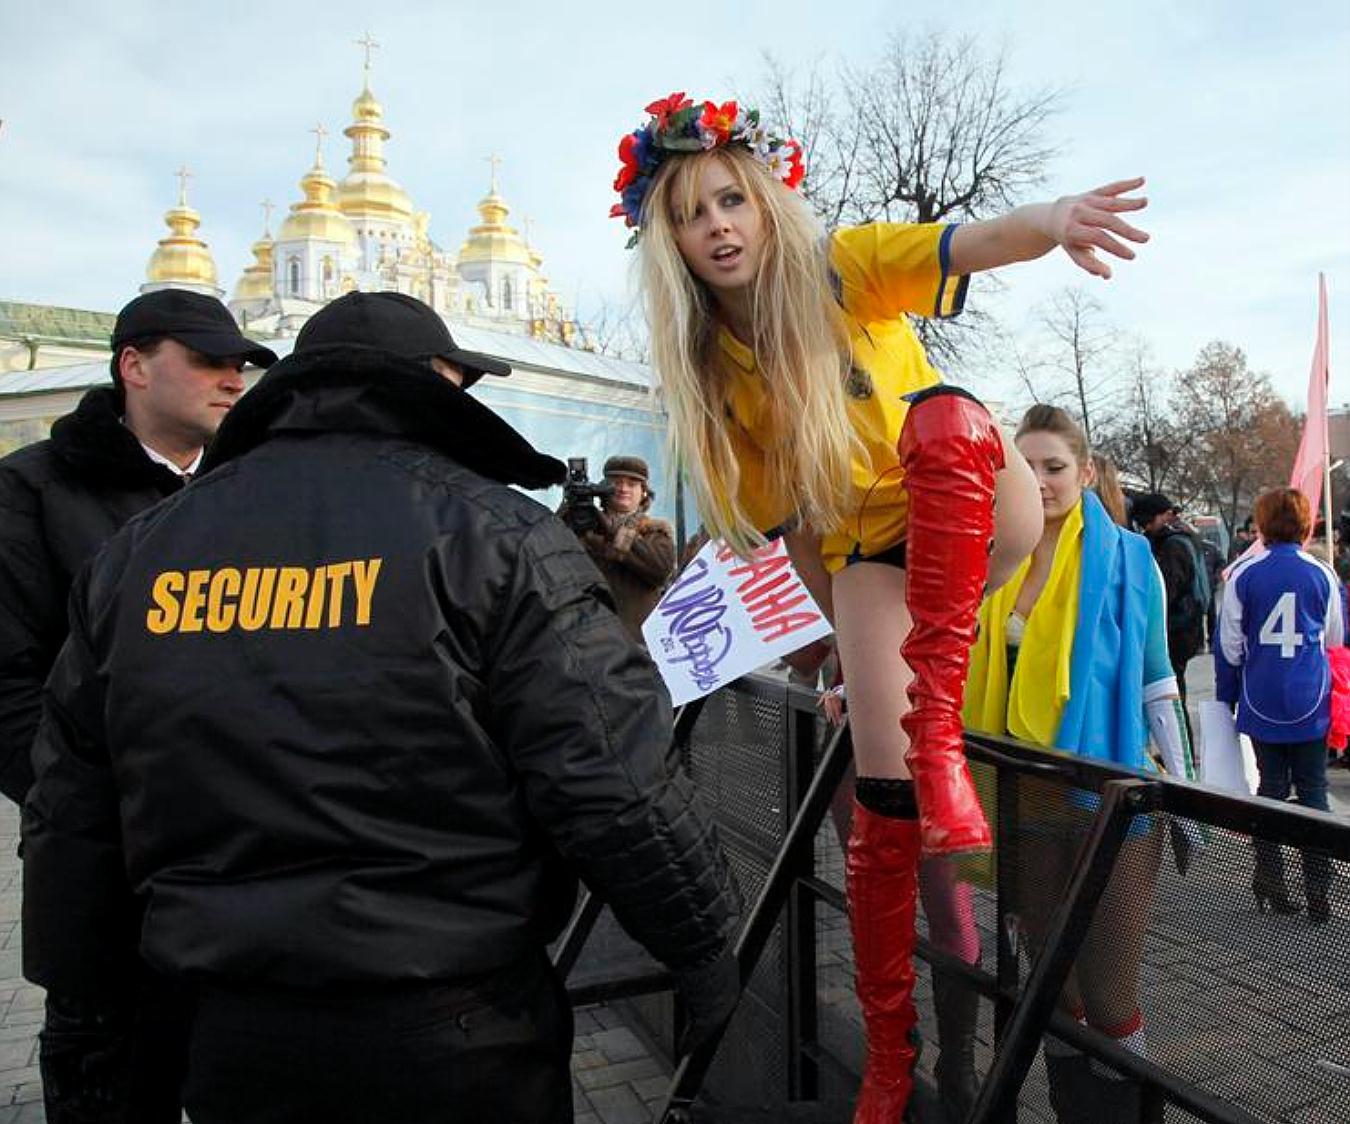 люди, которые украинки на панели фото большой